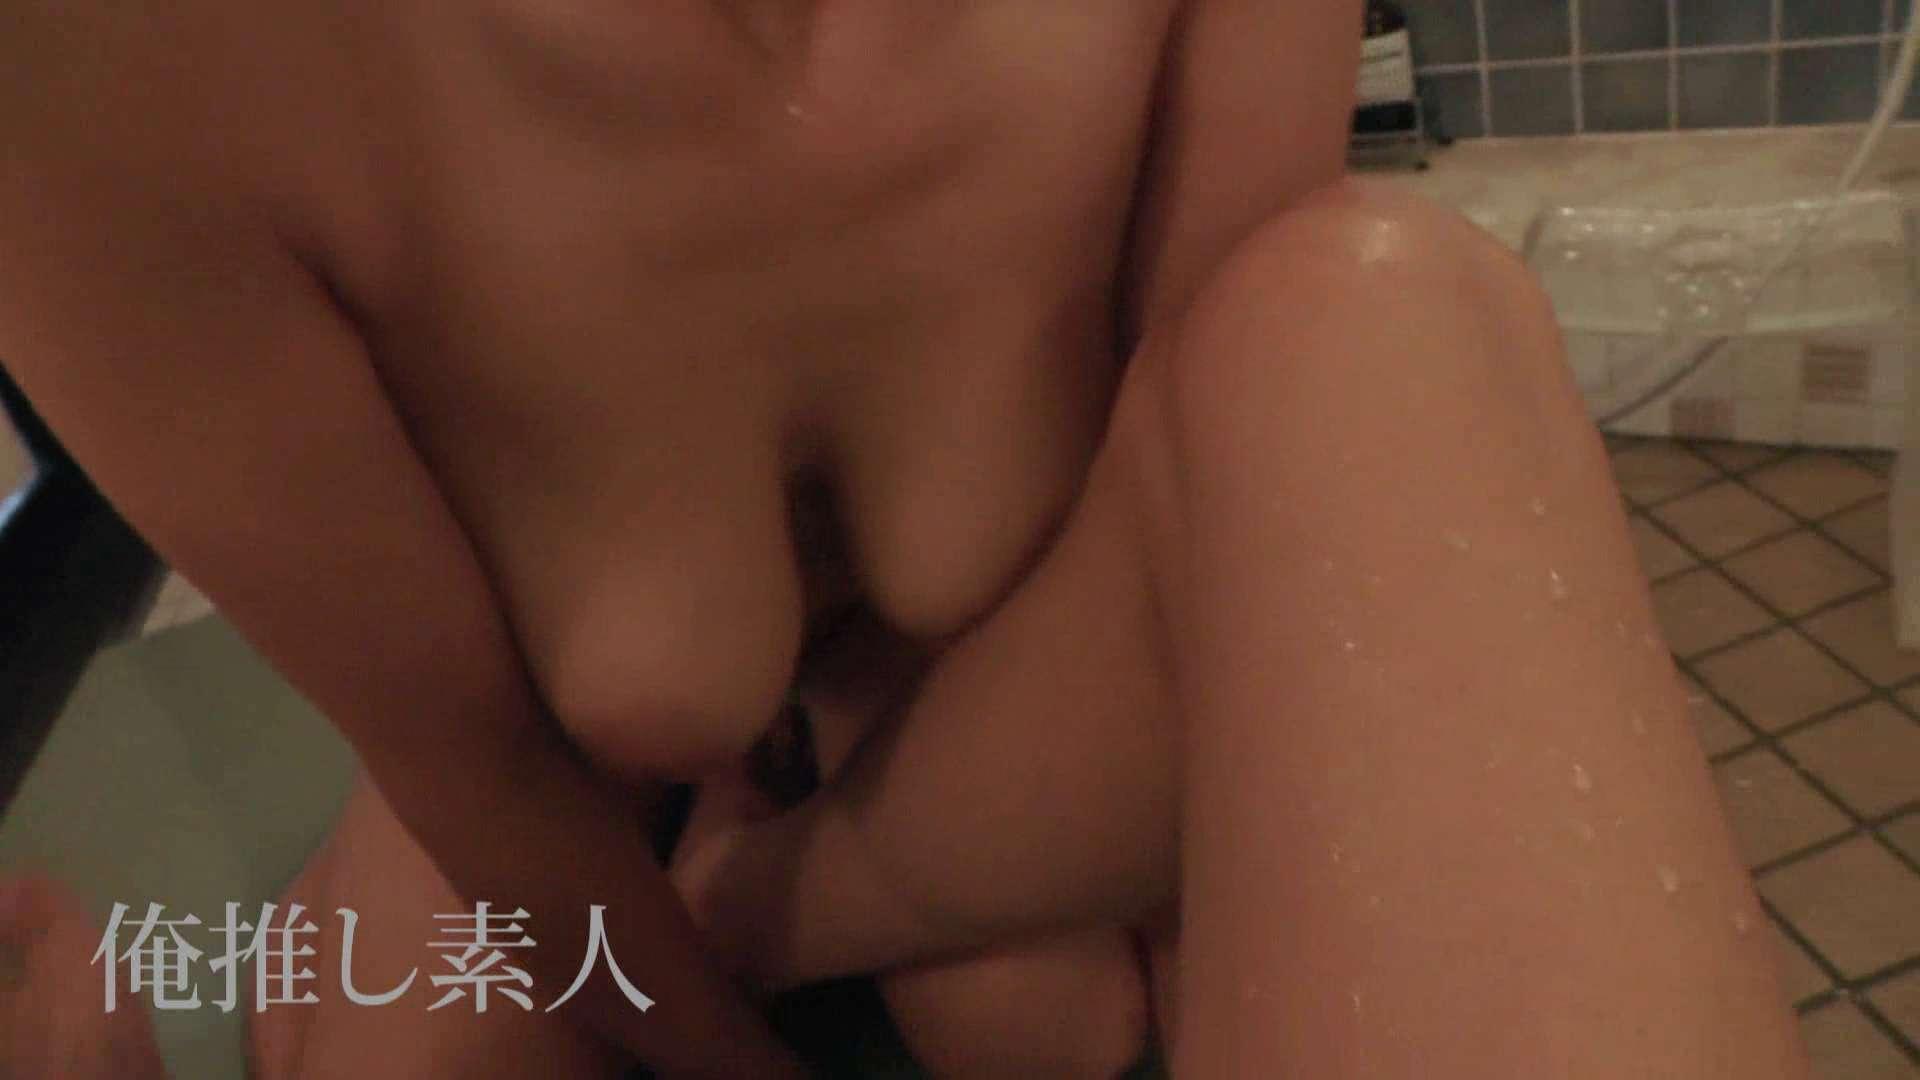 俺推し素人 30代人妻熟女キャバ嬢雫Vol.02 エッチなキャバ嬢   熟女の女体  71pic 46